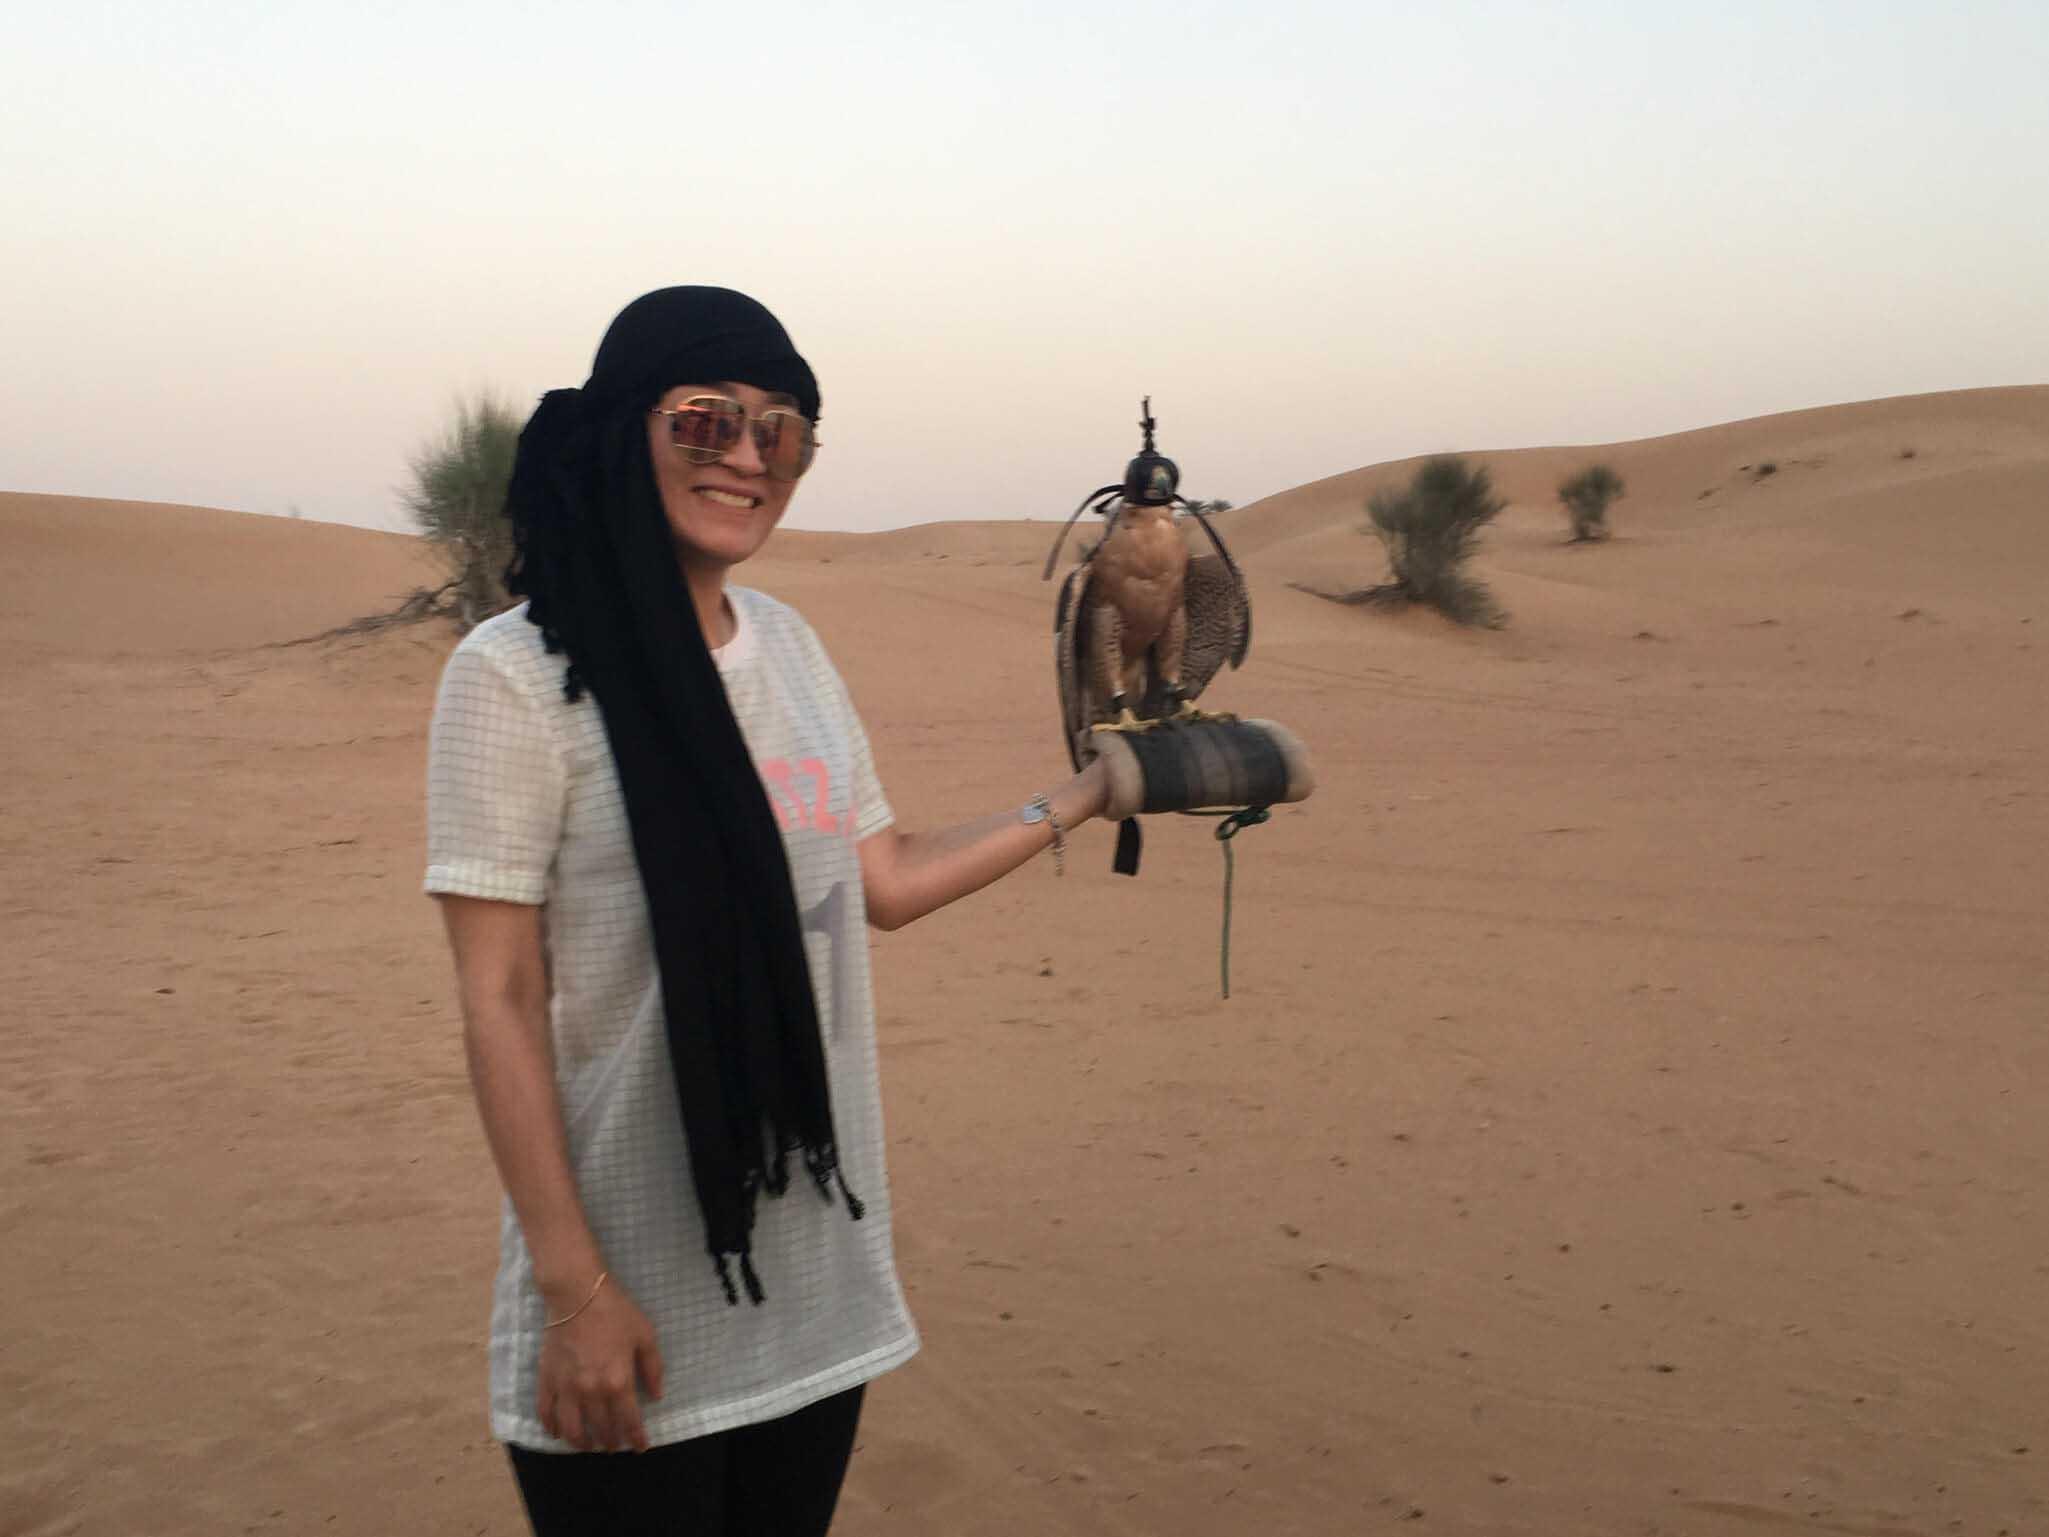 Student holding a bird in a Dubai desert